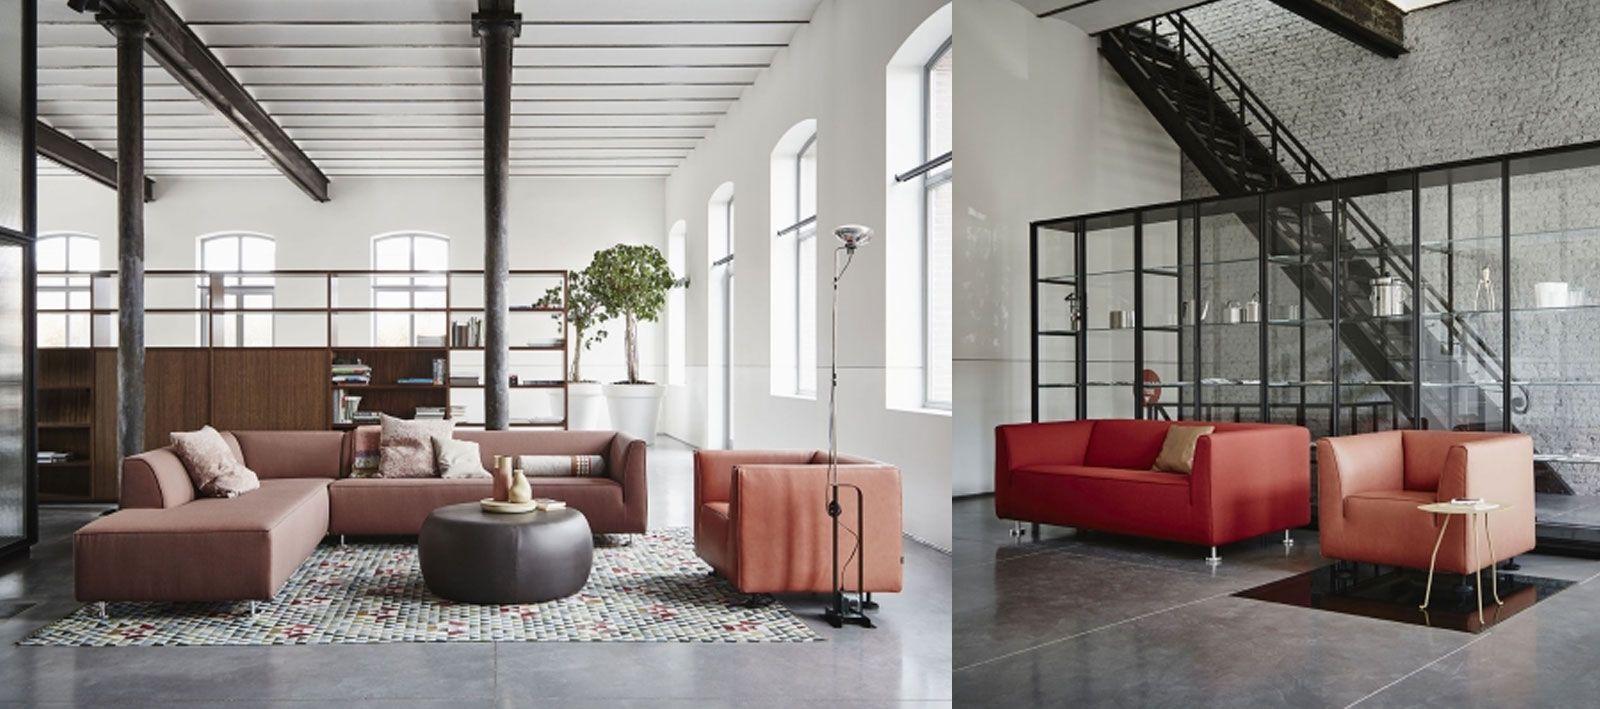 Gelderland 4800 #gelderland #bank #dutchdesign